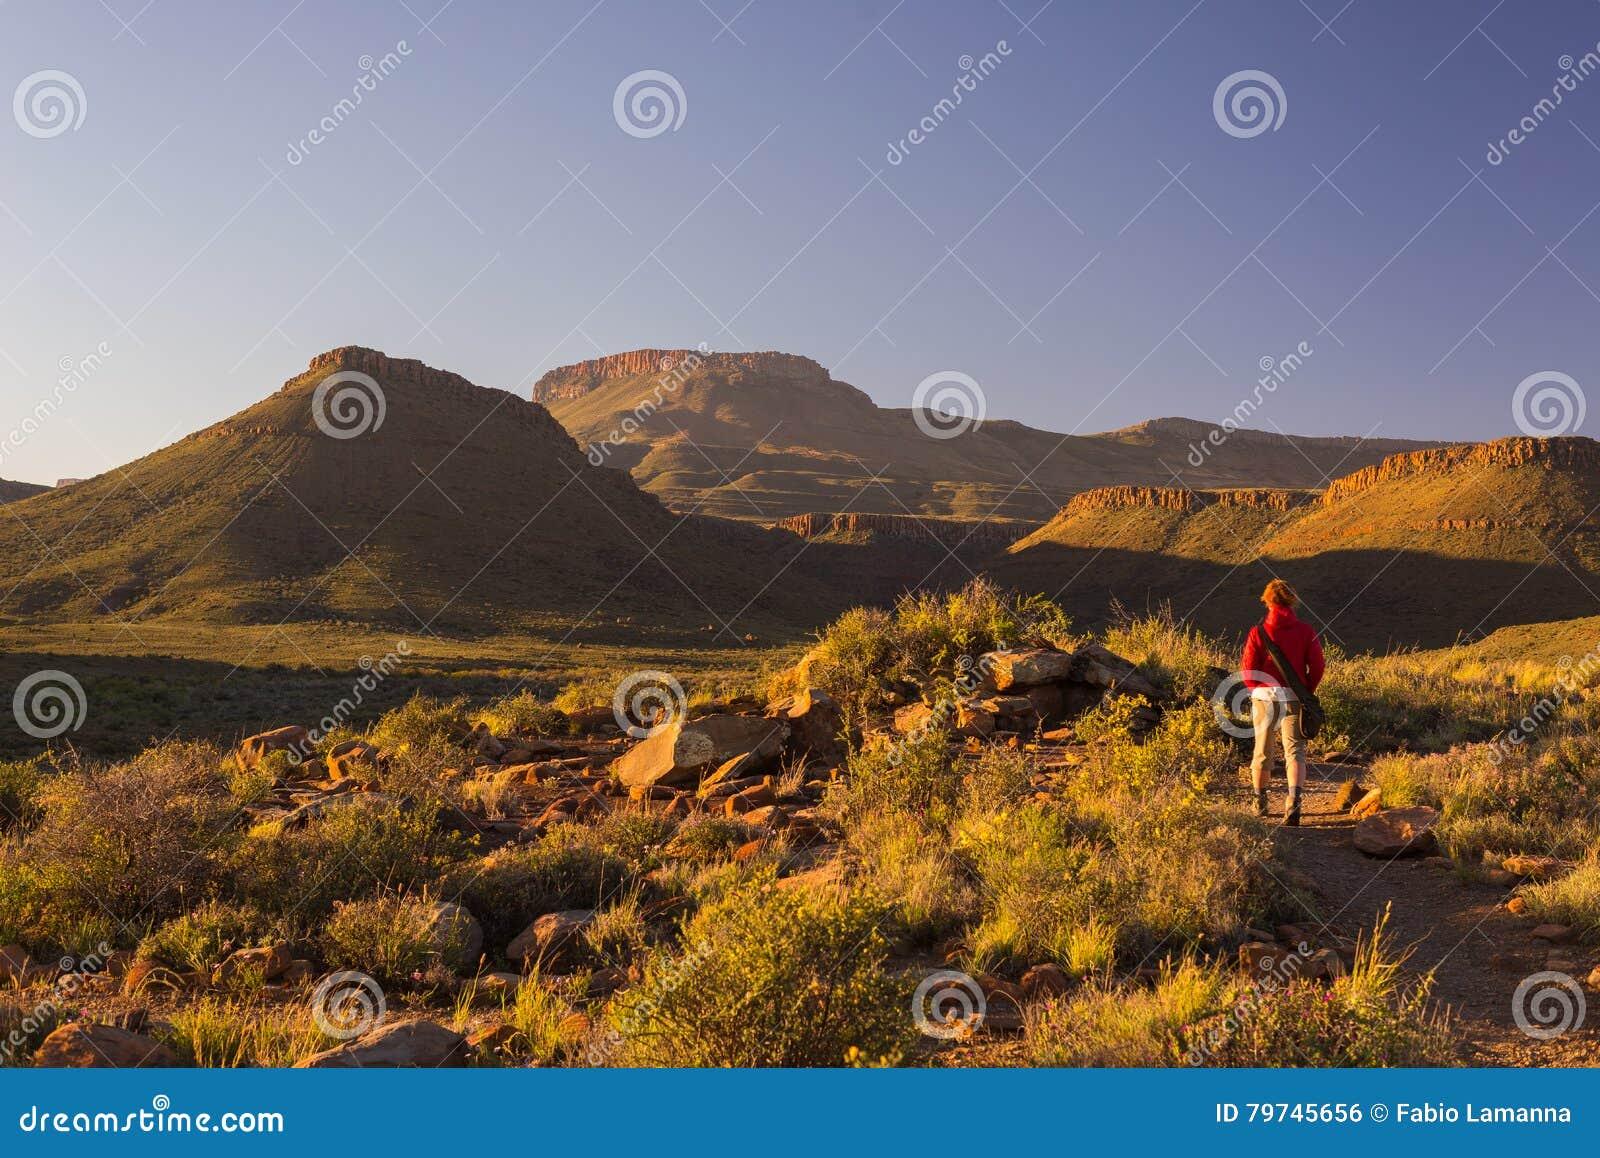 Turista que camina en el rastro marcado en el parque nacional del Karoo, Suráfrica Montañas, barrancos y acantilados escénicos de